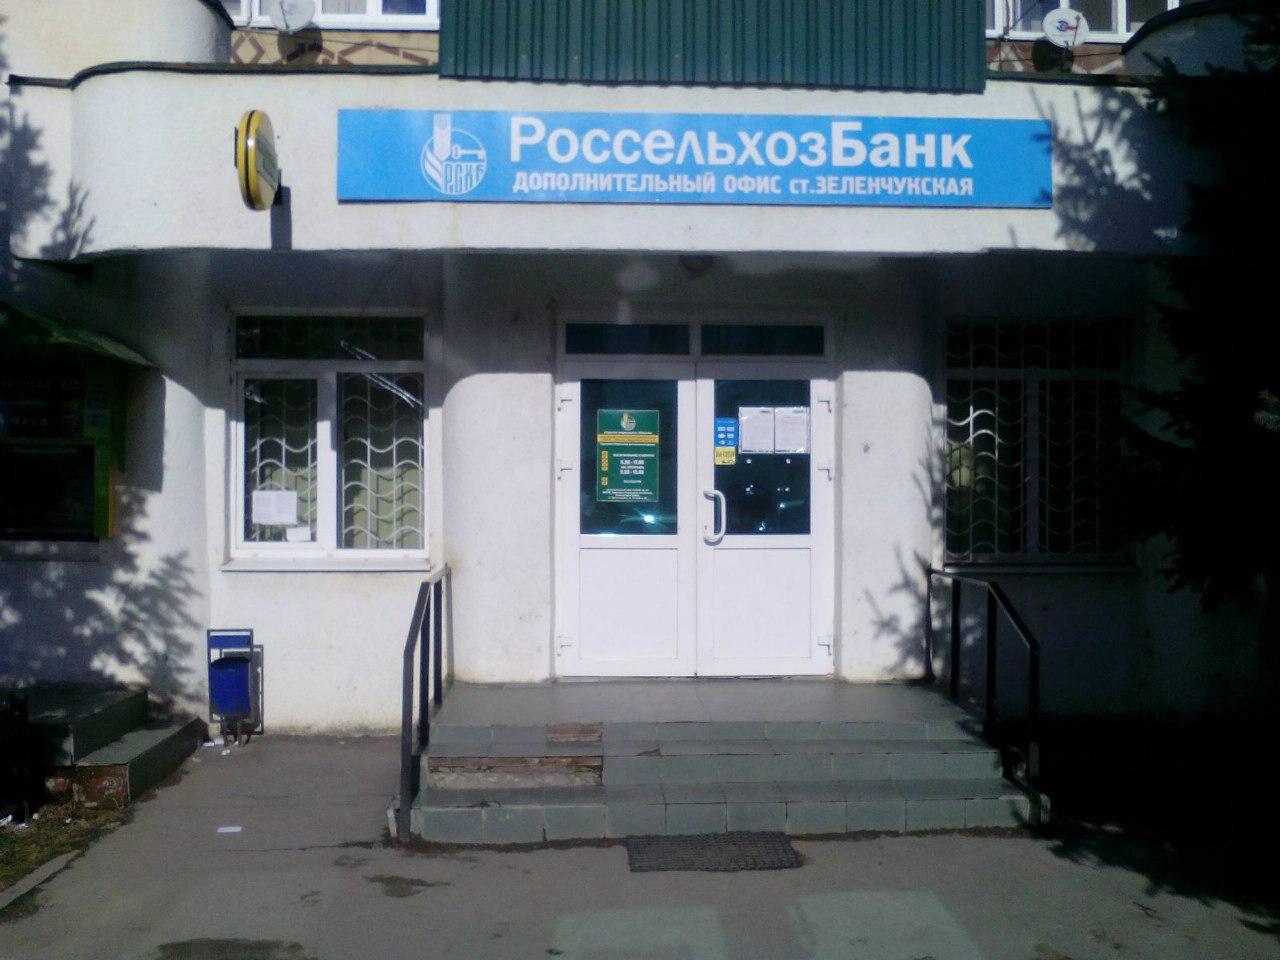 Россельхозбанк закрывает свое отделение в станице Зеленчукской